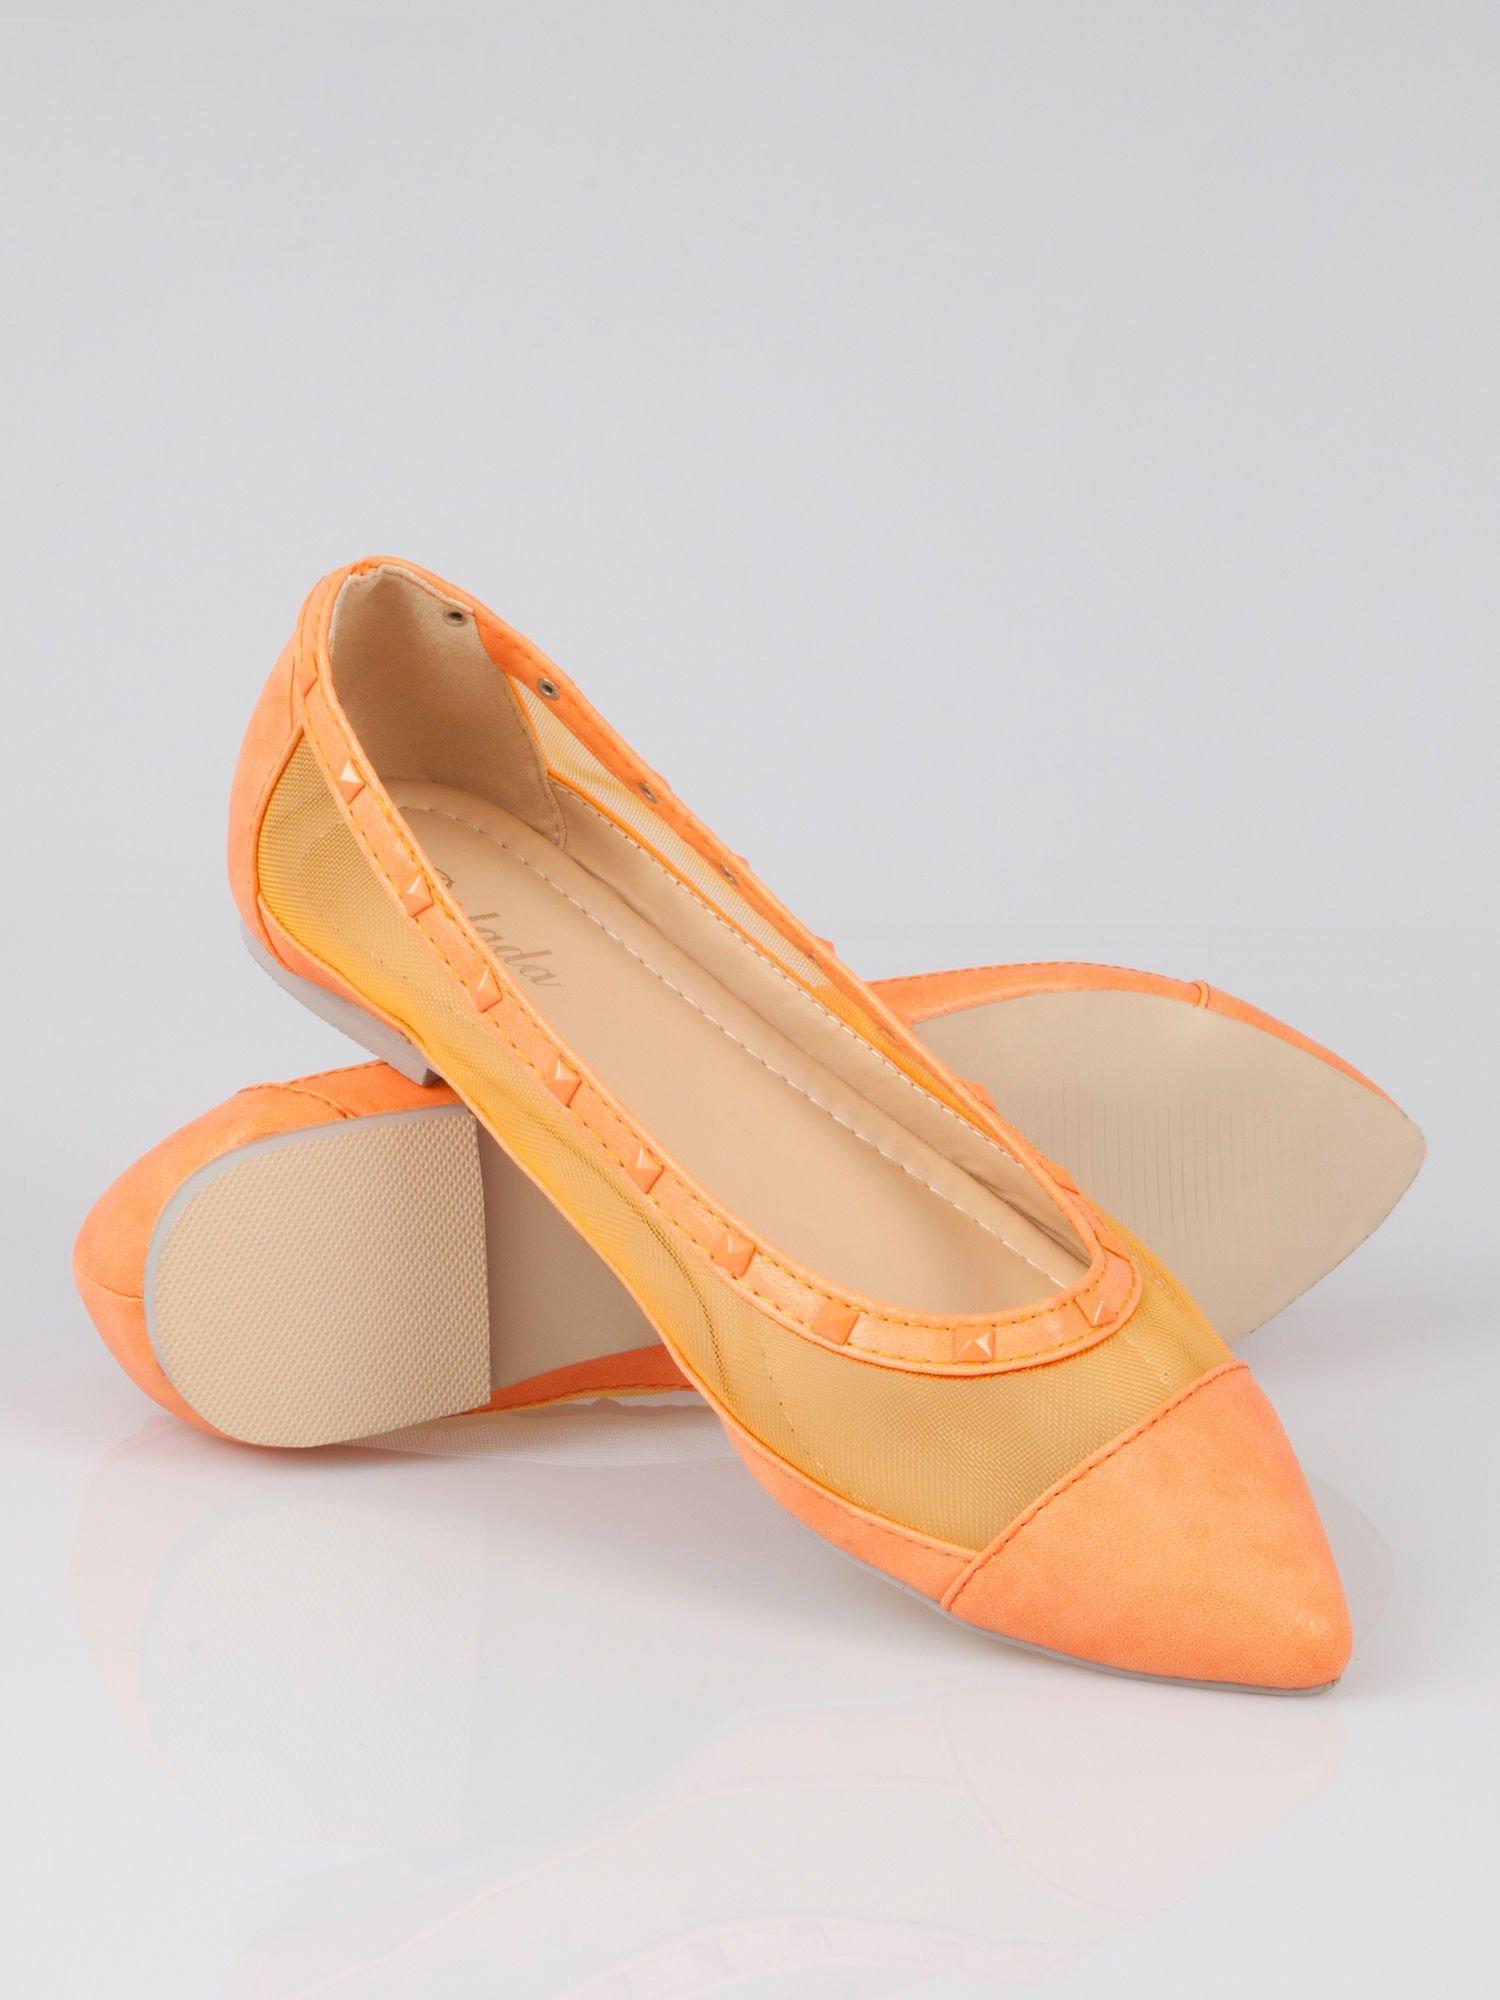 Pomarańczowe baleriny Crystal leather z siateczką i ćwiekami                                  zdj.                                  3